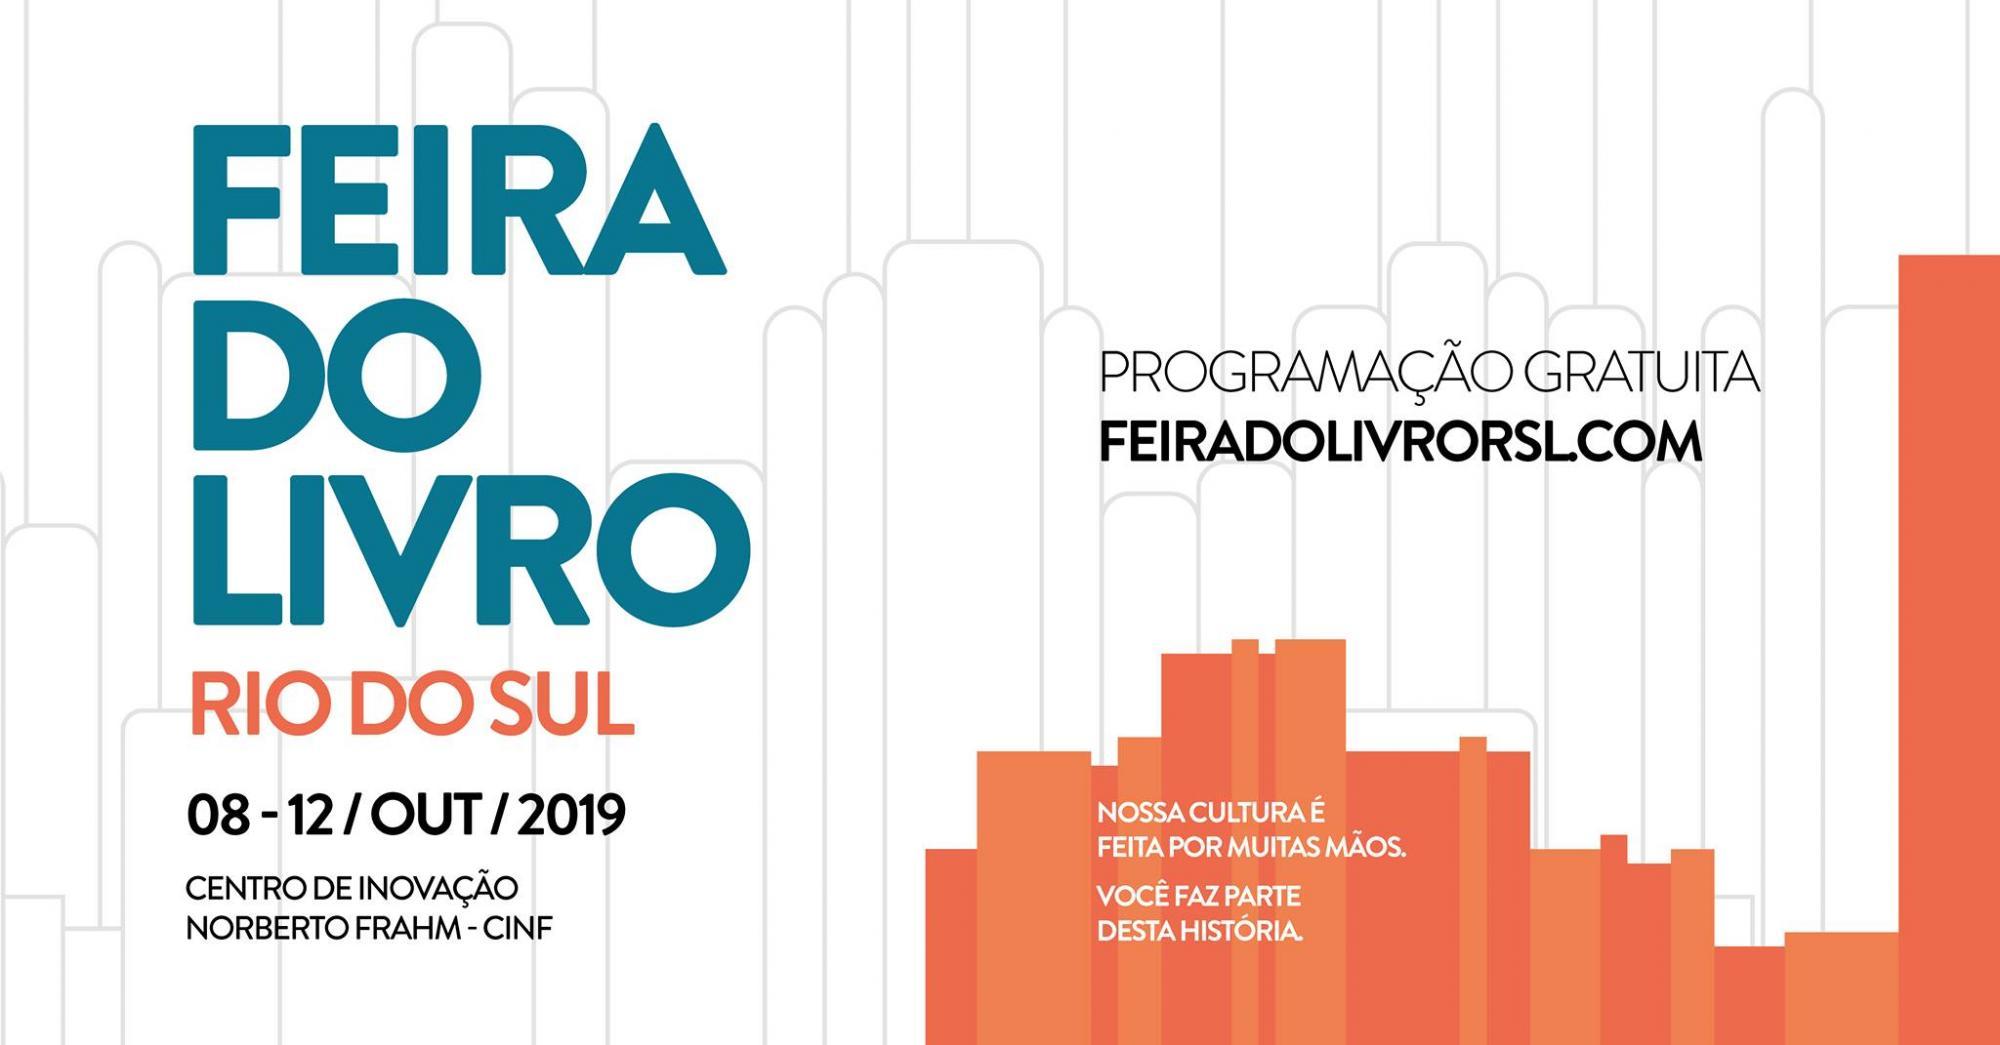 Feira do Livro em Rio do Sul começa nesta terça (08)